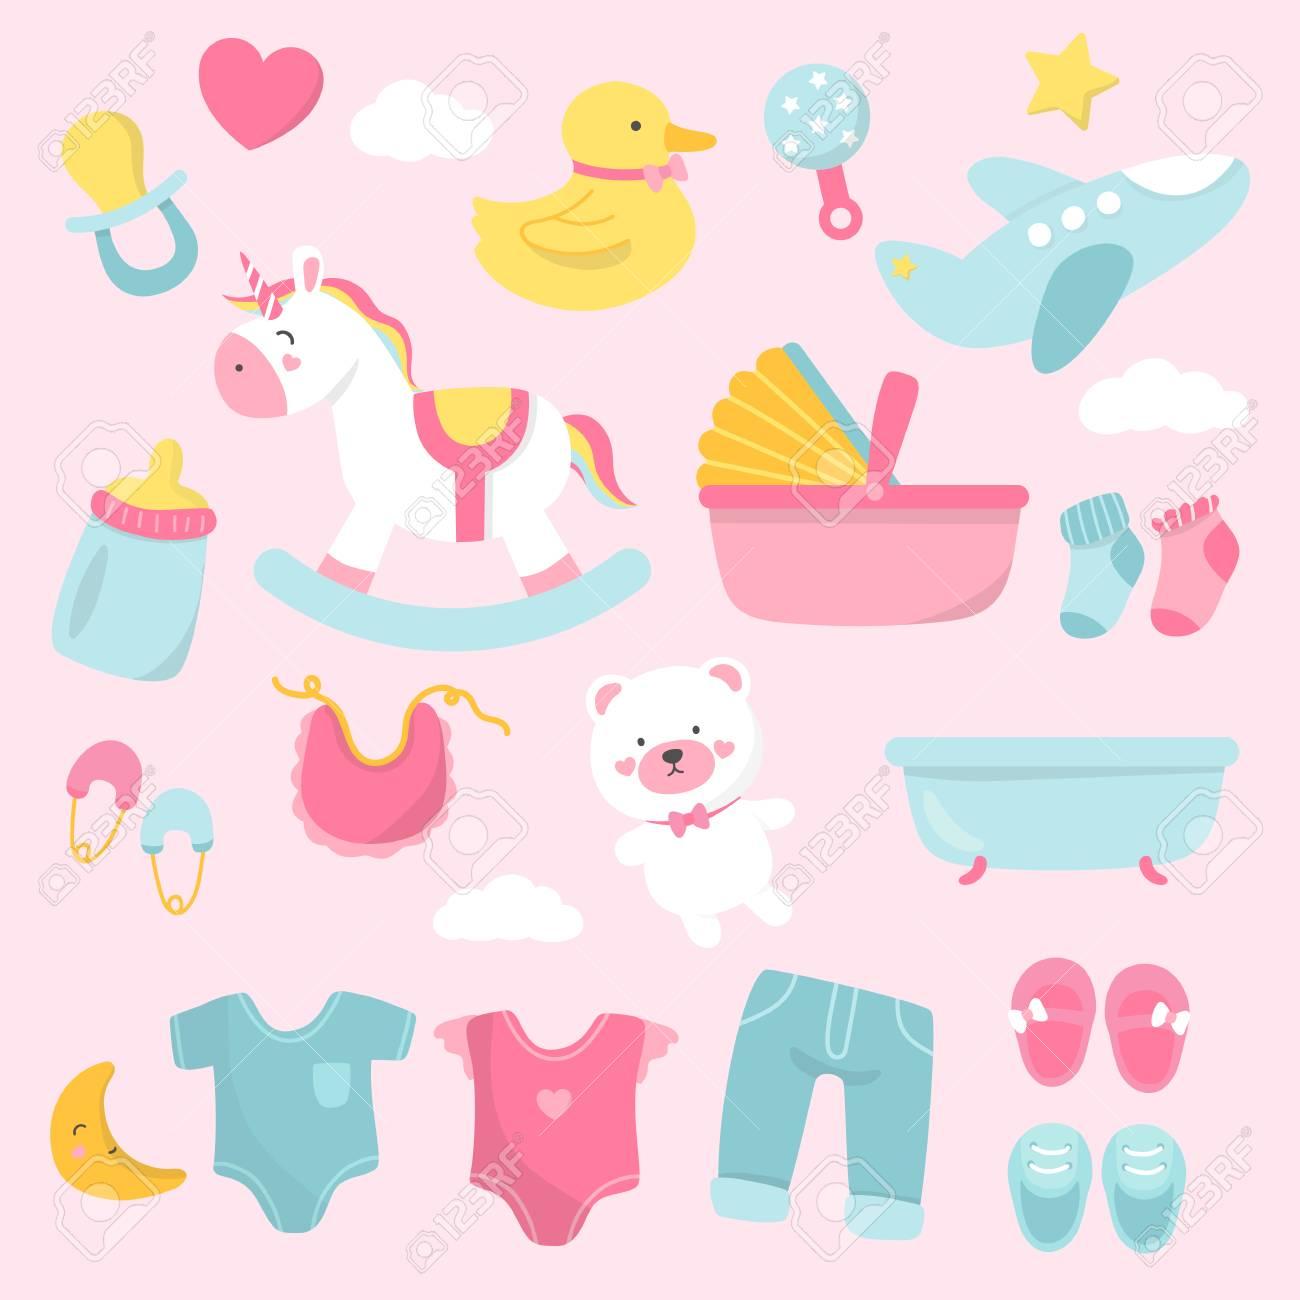 Set of cute baby shower vectors - 125971028